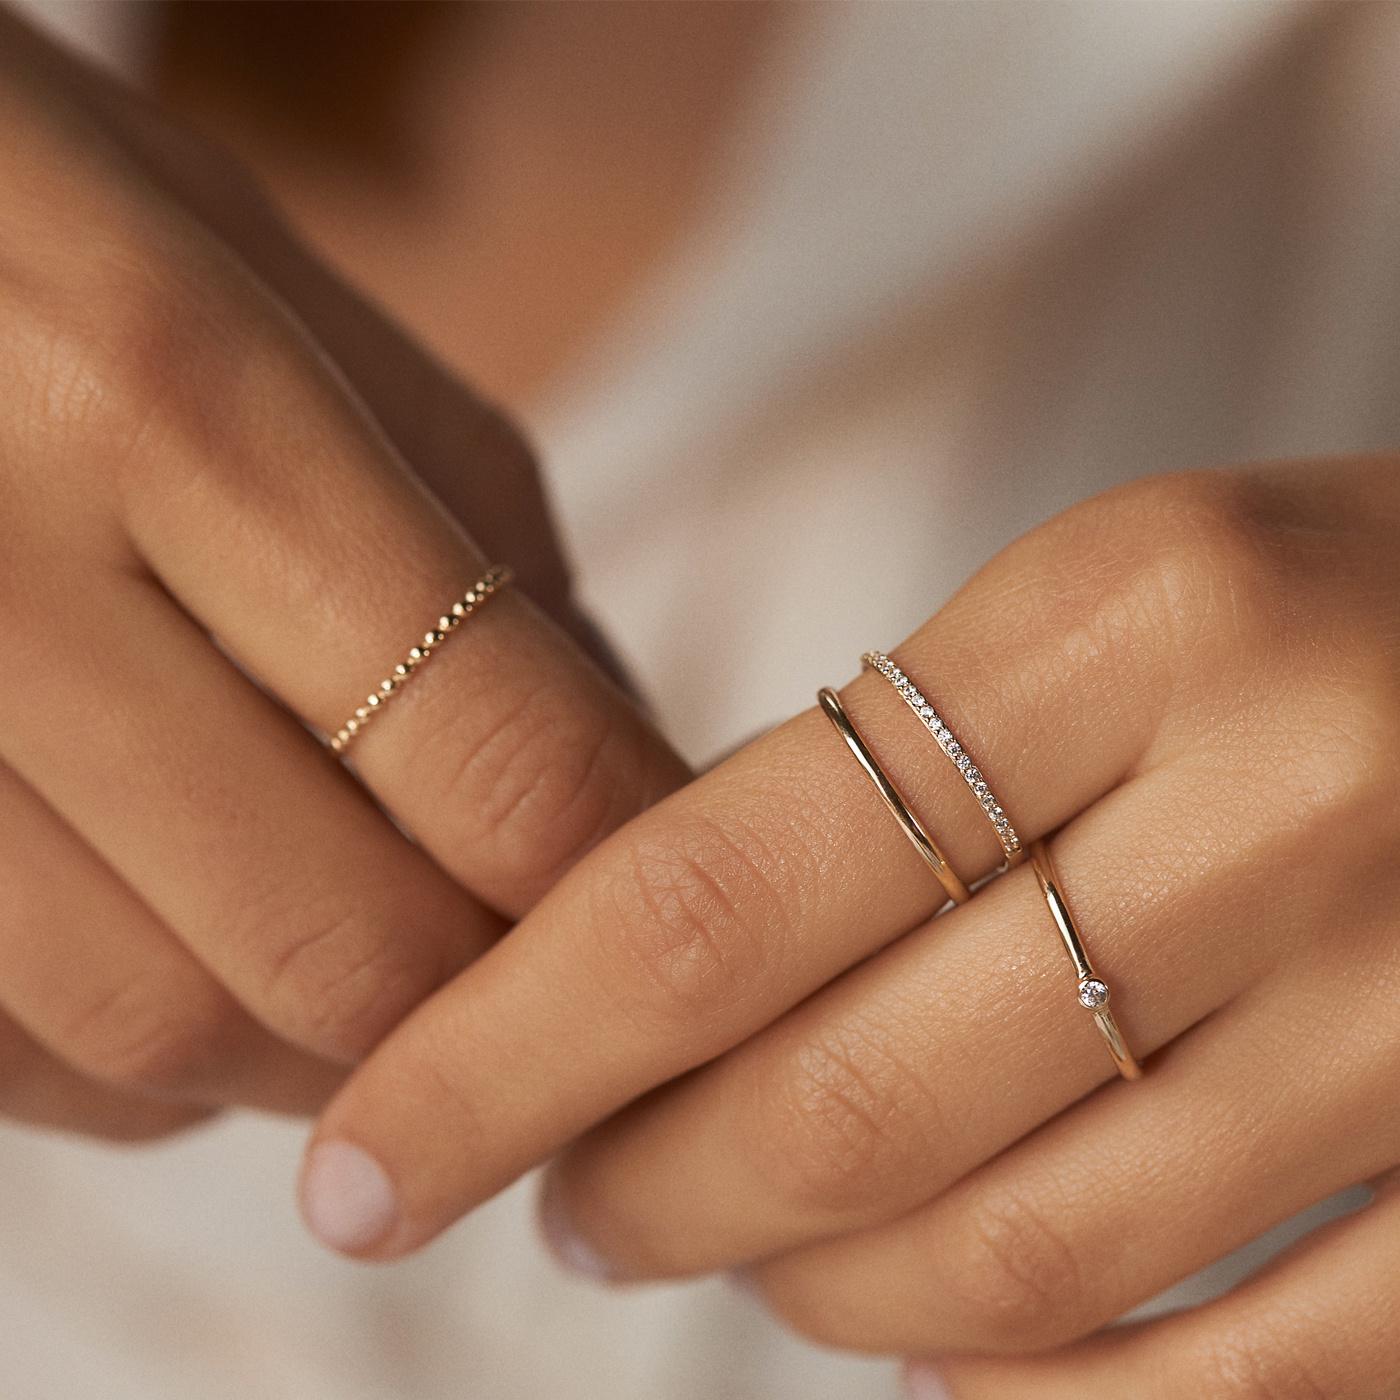 Isabel Bernard Asterope Stones 14 karat gold stacking ring